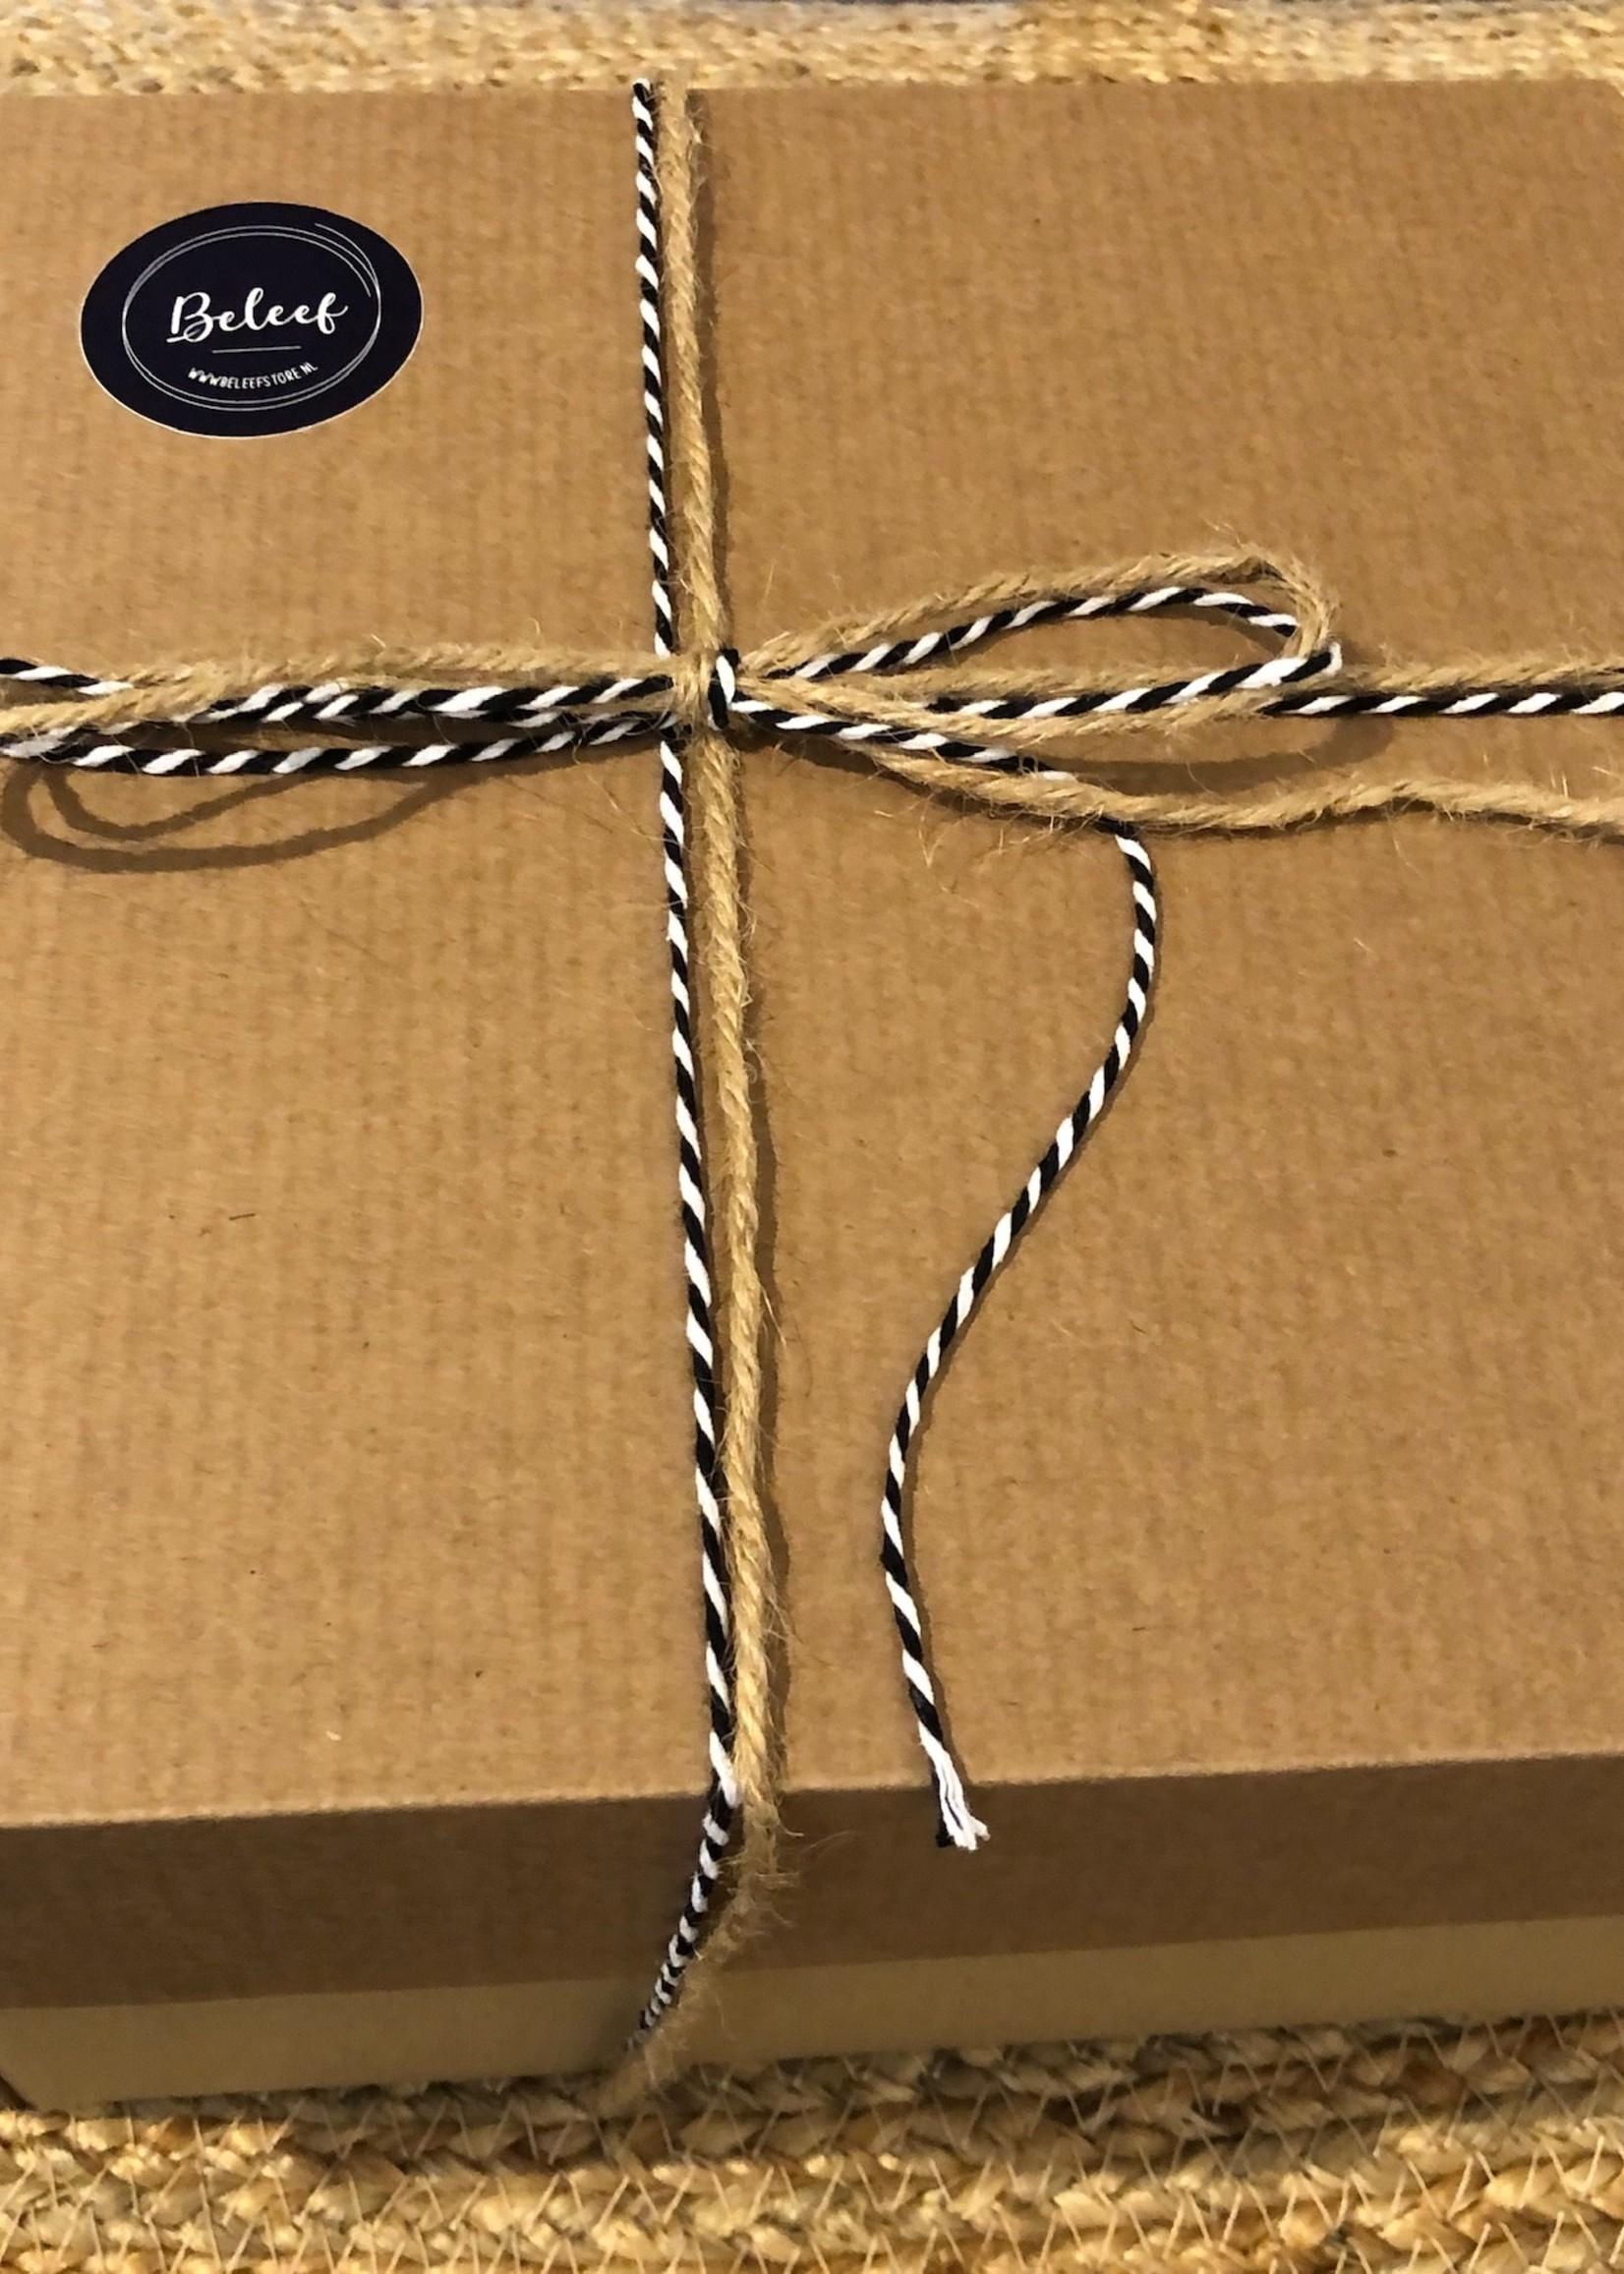 Cadeau doos met deksel 20,5x20,5x12 cm - gerecycled